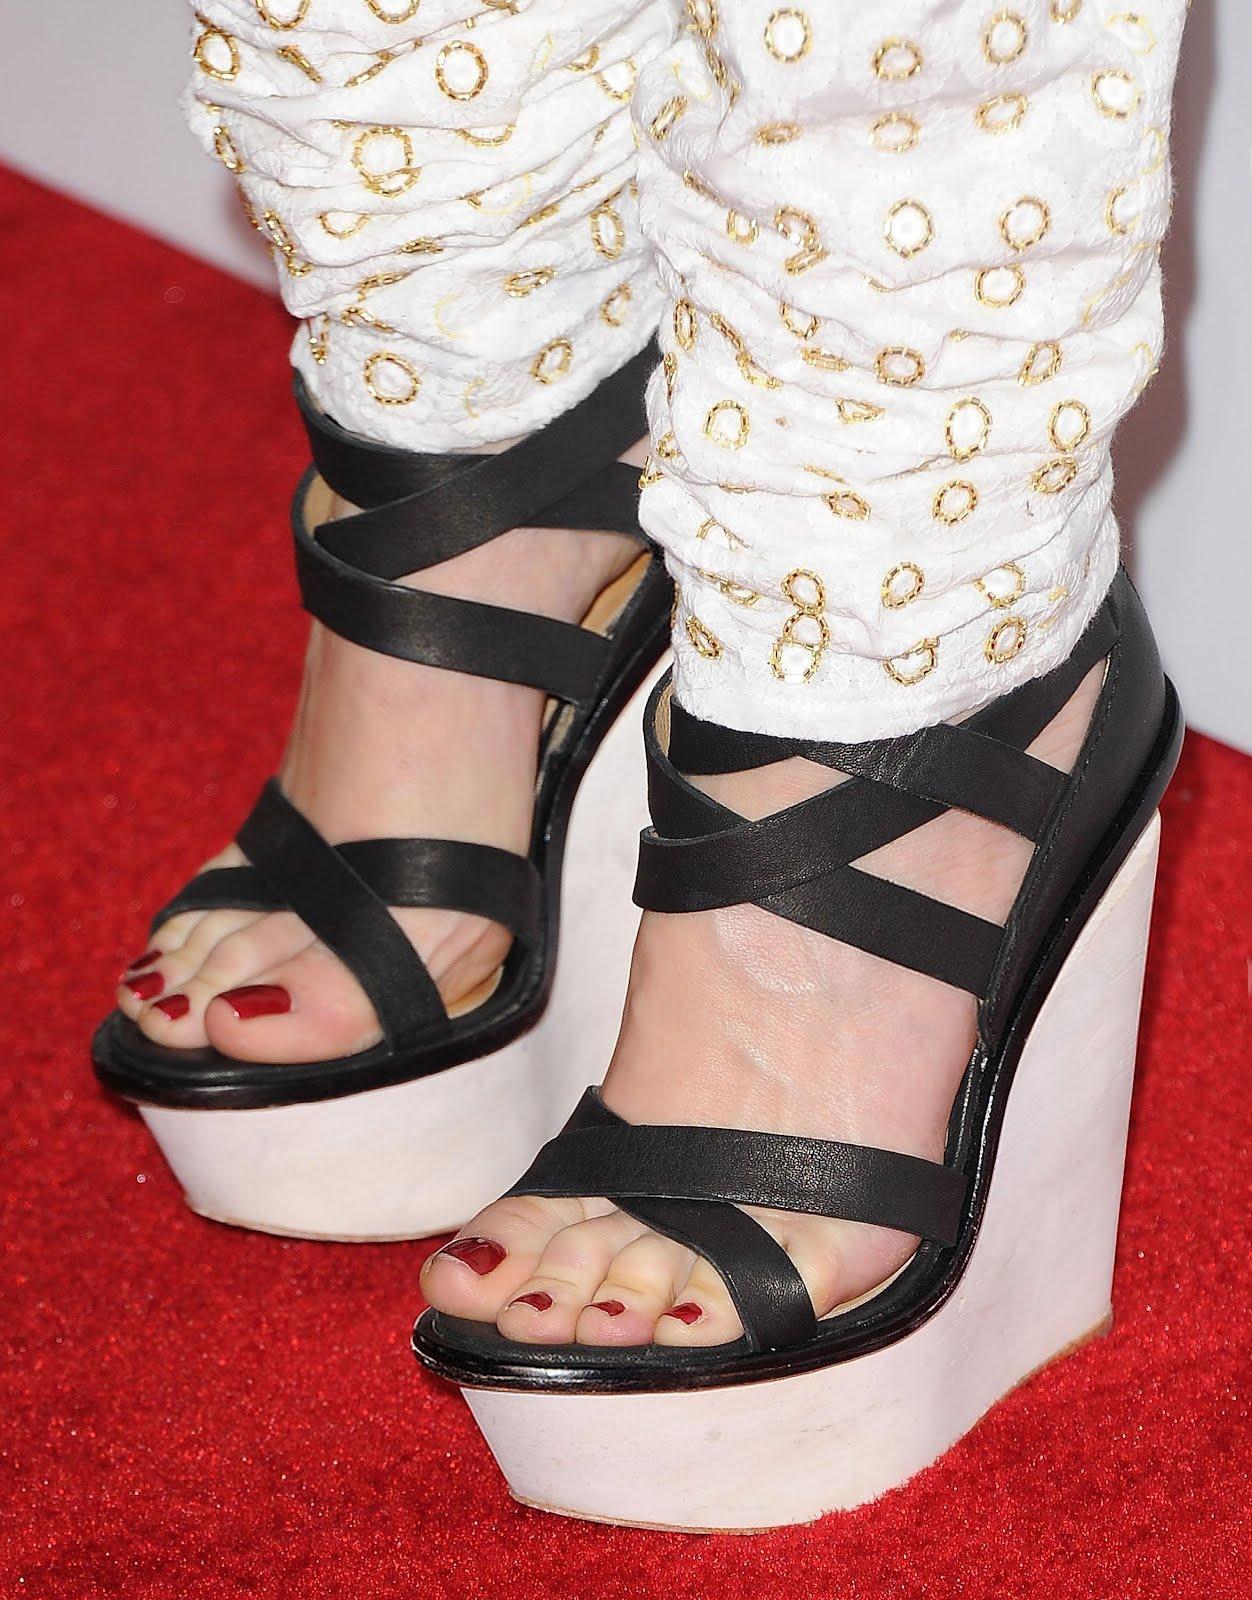 http://1.bp.blogspot.com/-7LUcN0Rl3T4/UBUcLom3v2I/AAAAAAAAAA4/rWJ27CrKrxI/s1600/Gwen_Stefani_Feet_Heels_001.jpg